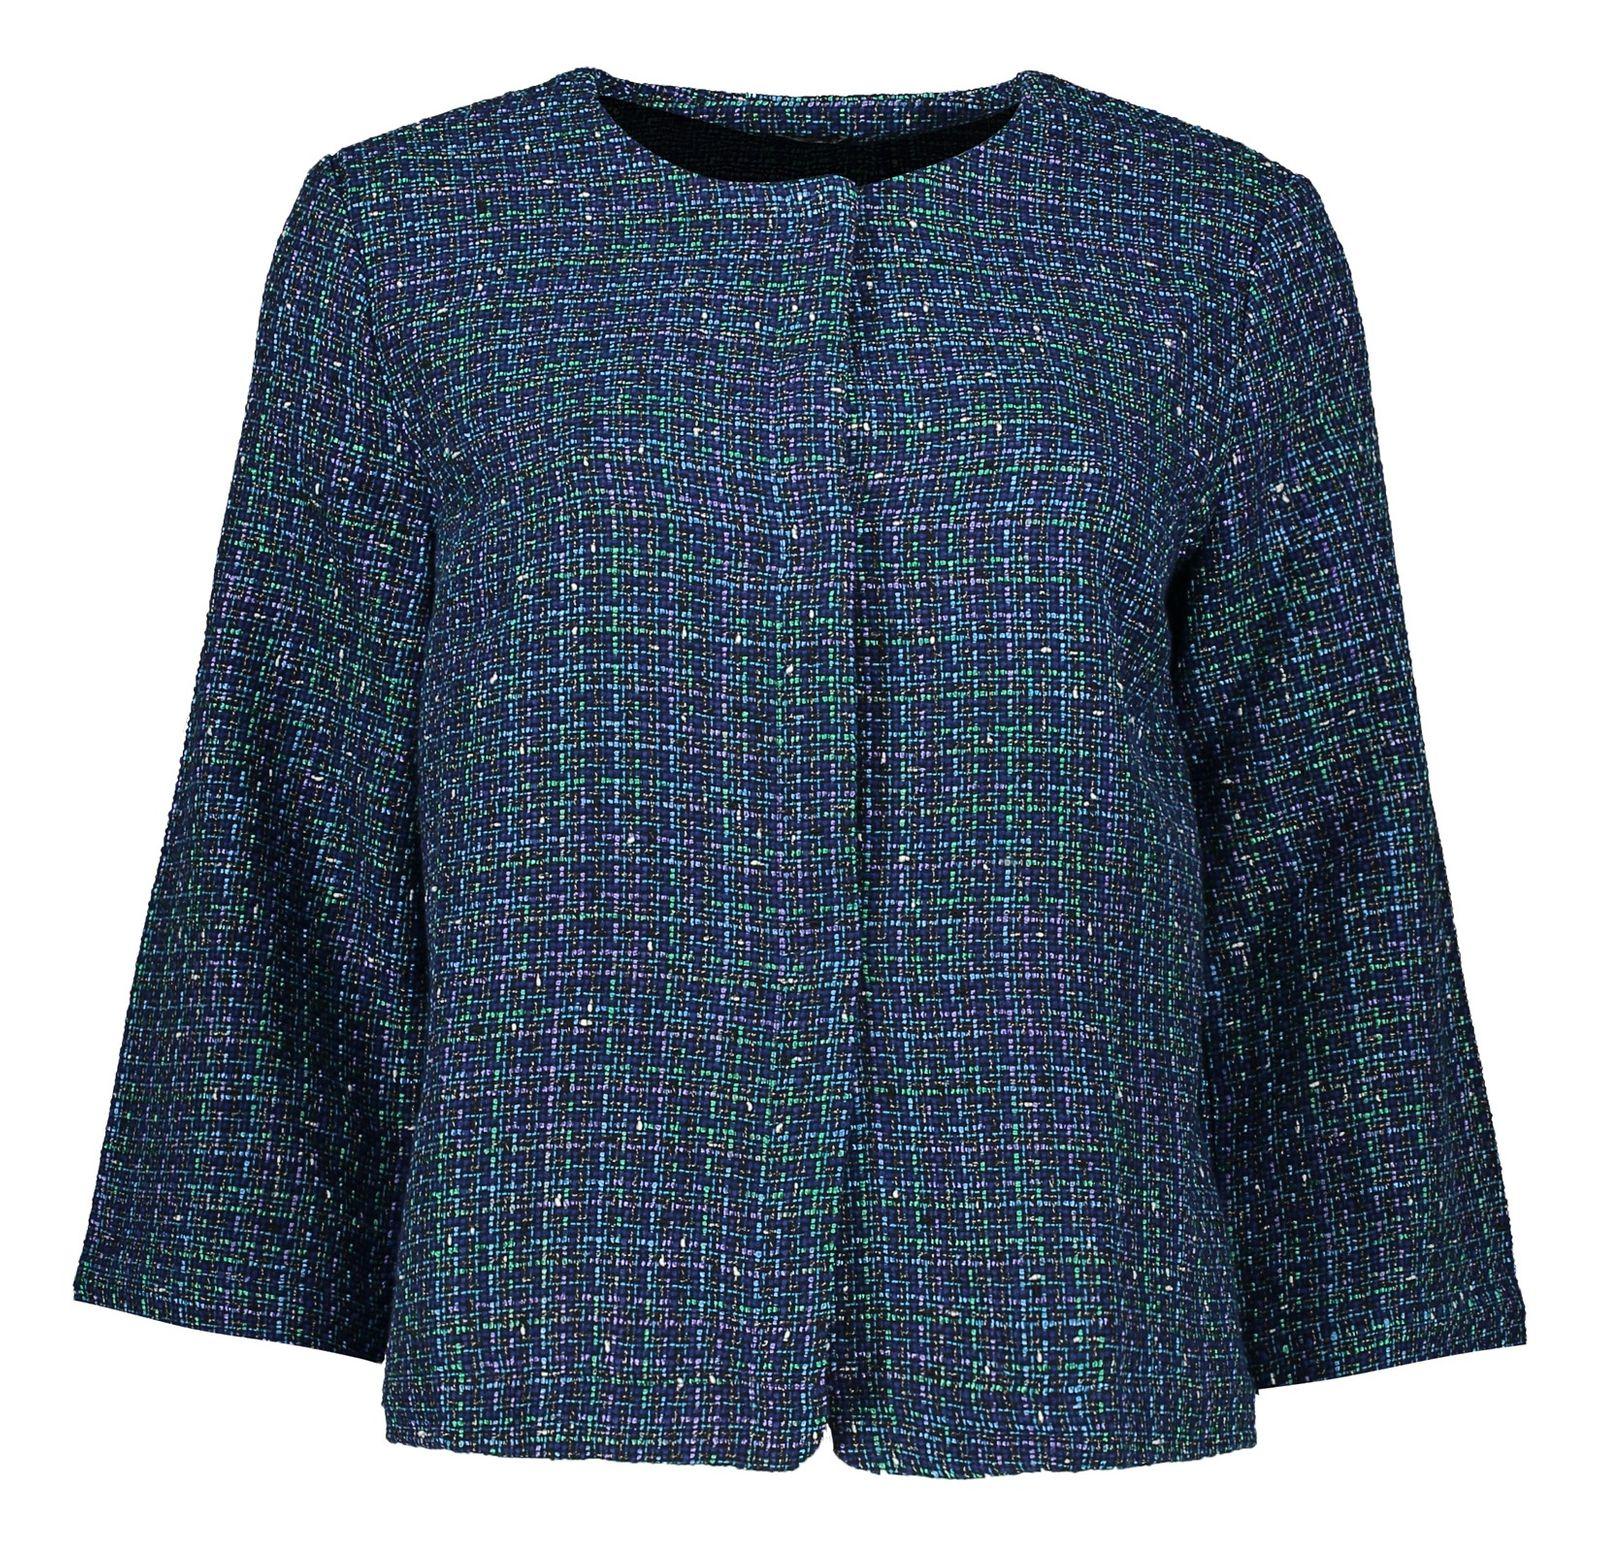 کت نخی کوتاه زنانه - یوپیم - آبي و سبز - 1